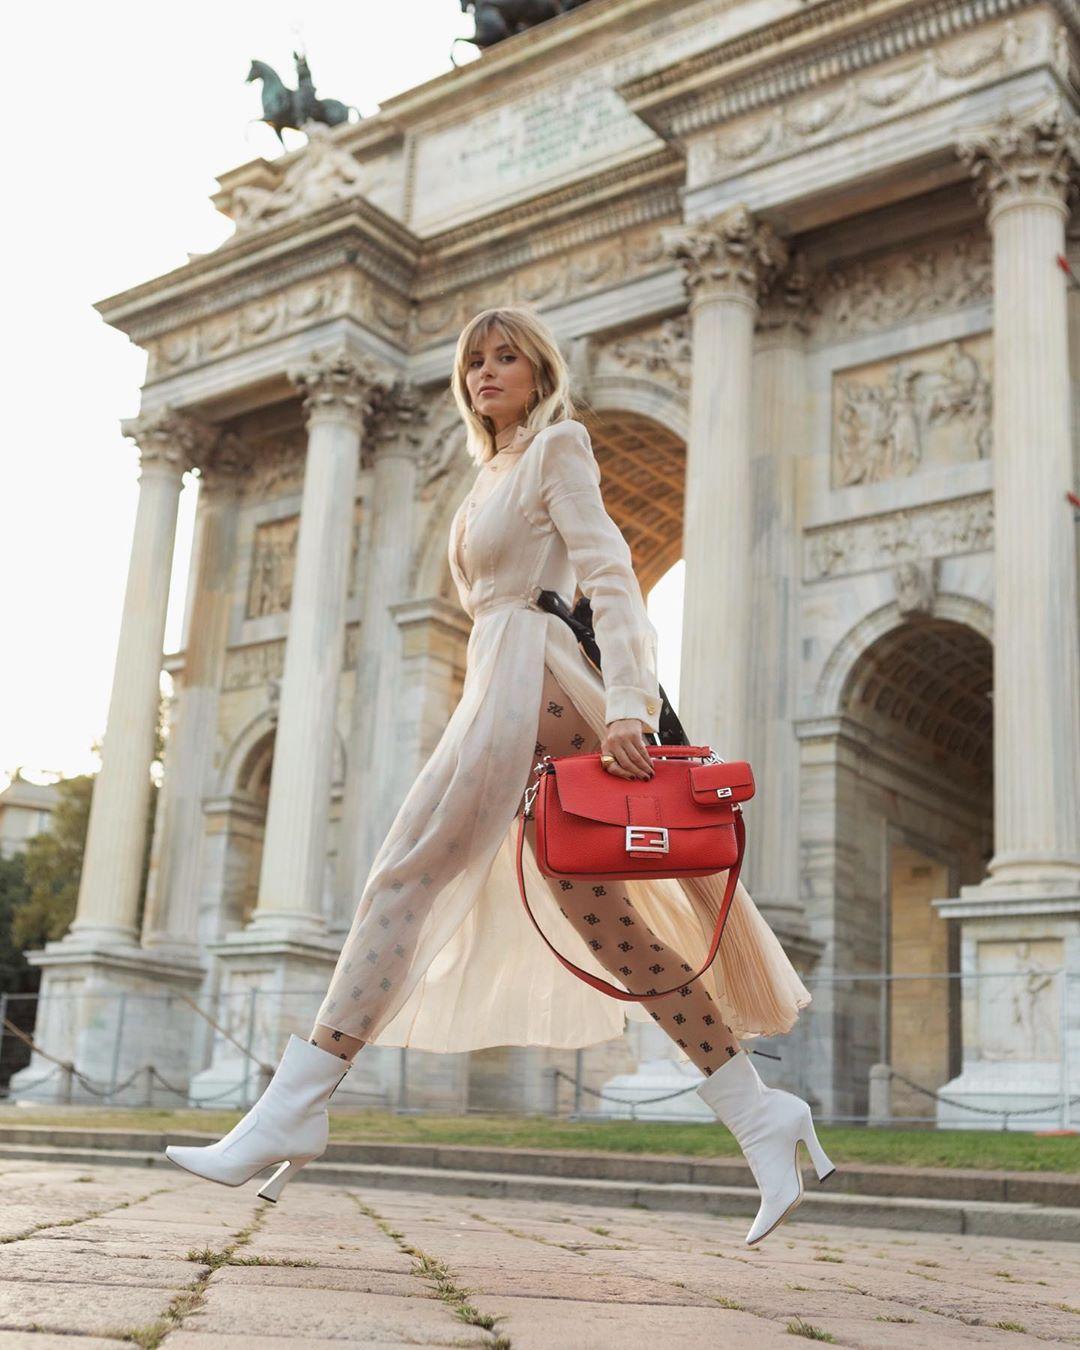 Túi xách đỏ hình chữ nhật của Fendi